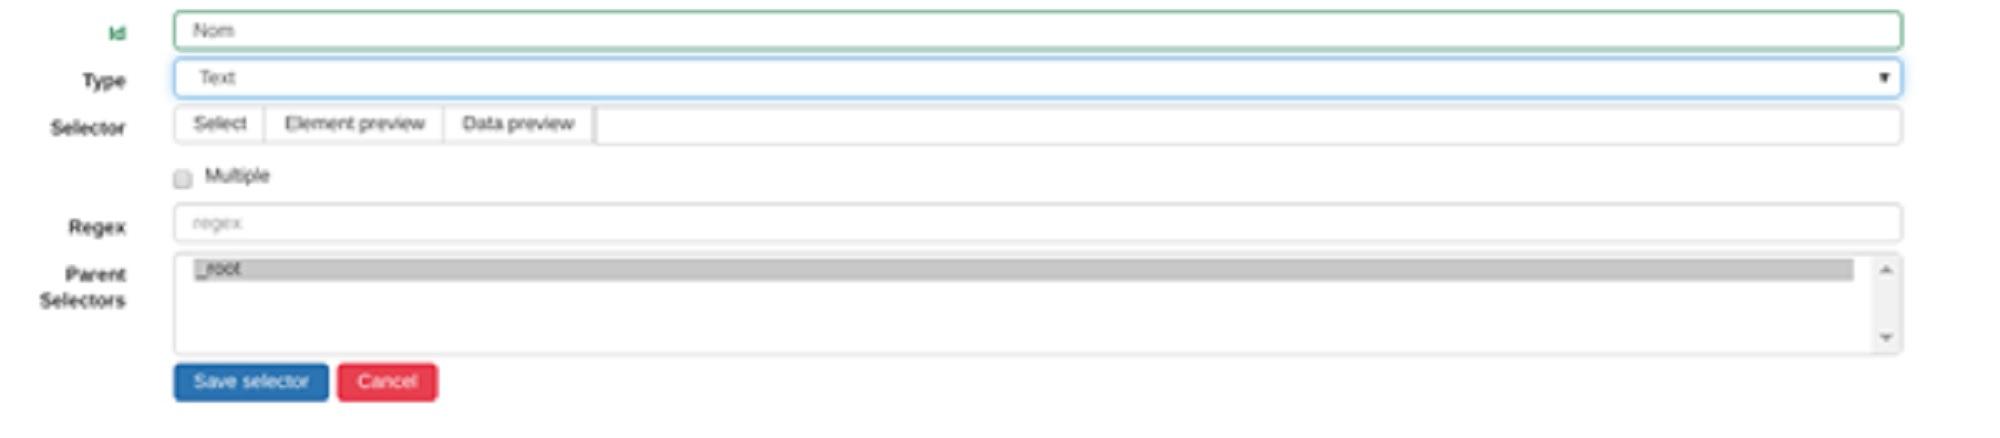 Comment faire du Web Scraping : cas pratique avec la récupération des avis clients sur Trustpilot avec webscraper.io 22